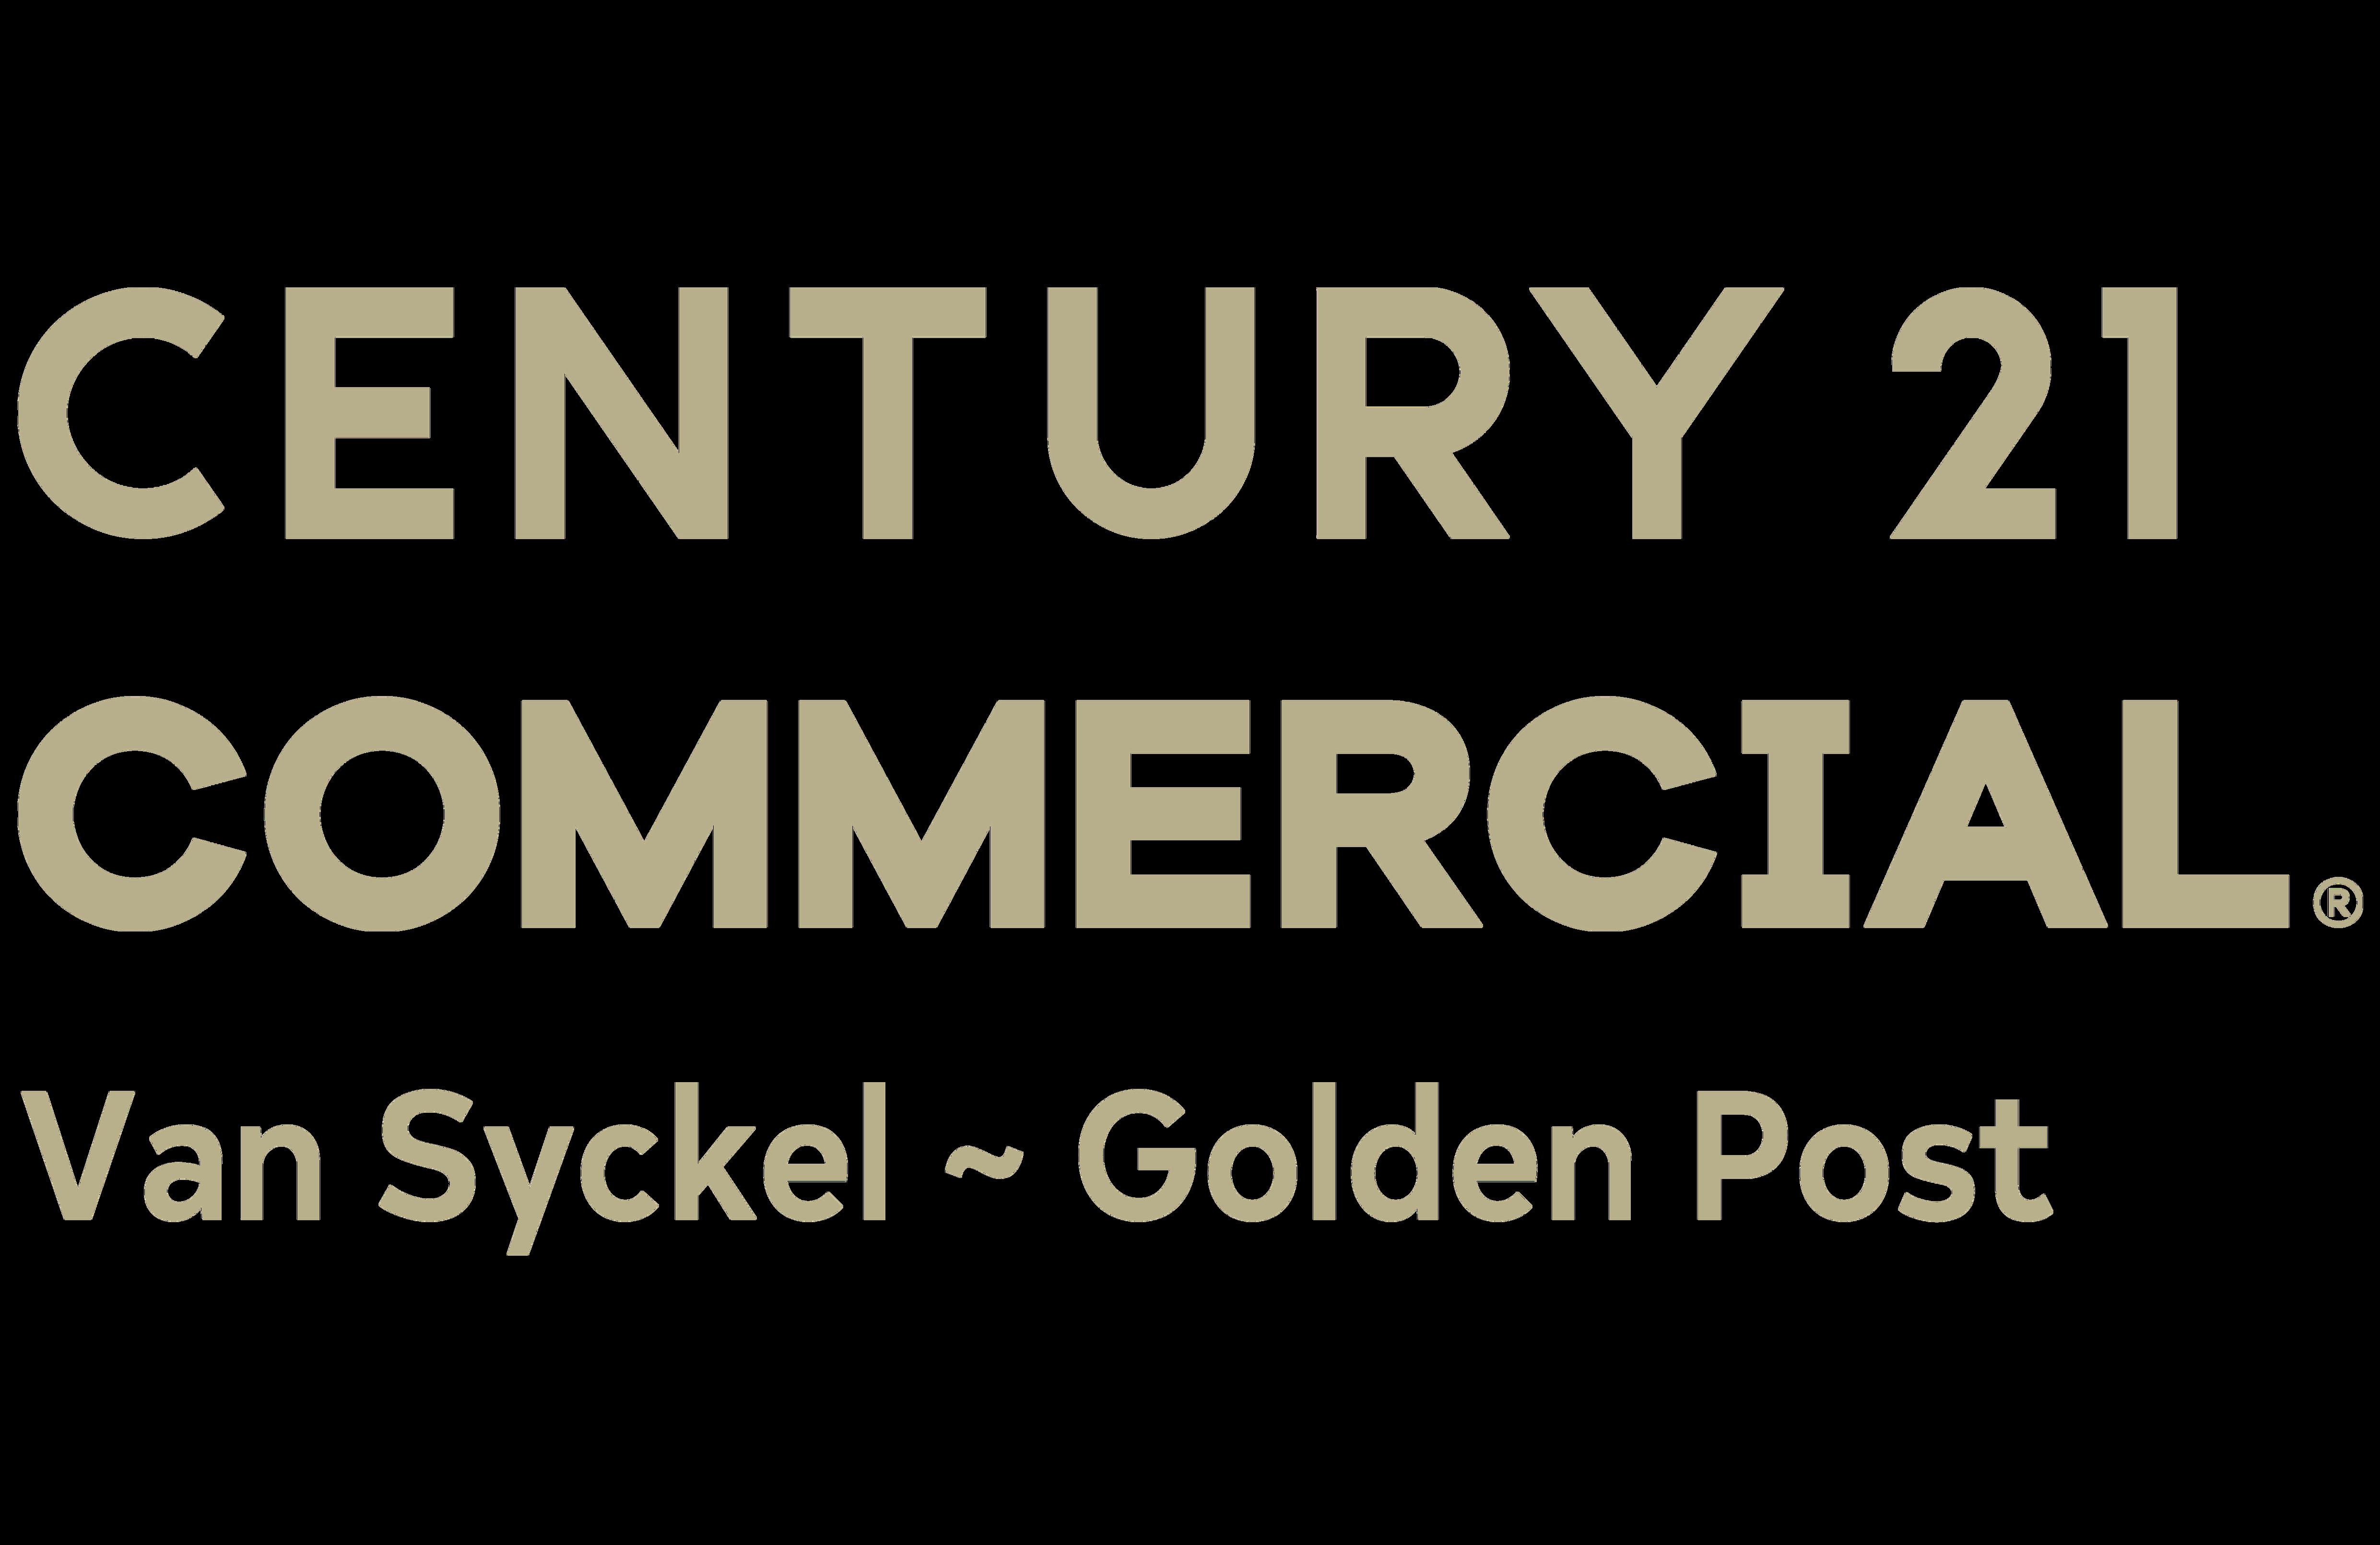 CENTURY 21 Van Syckel ~ Golden Post